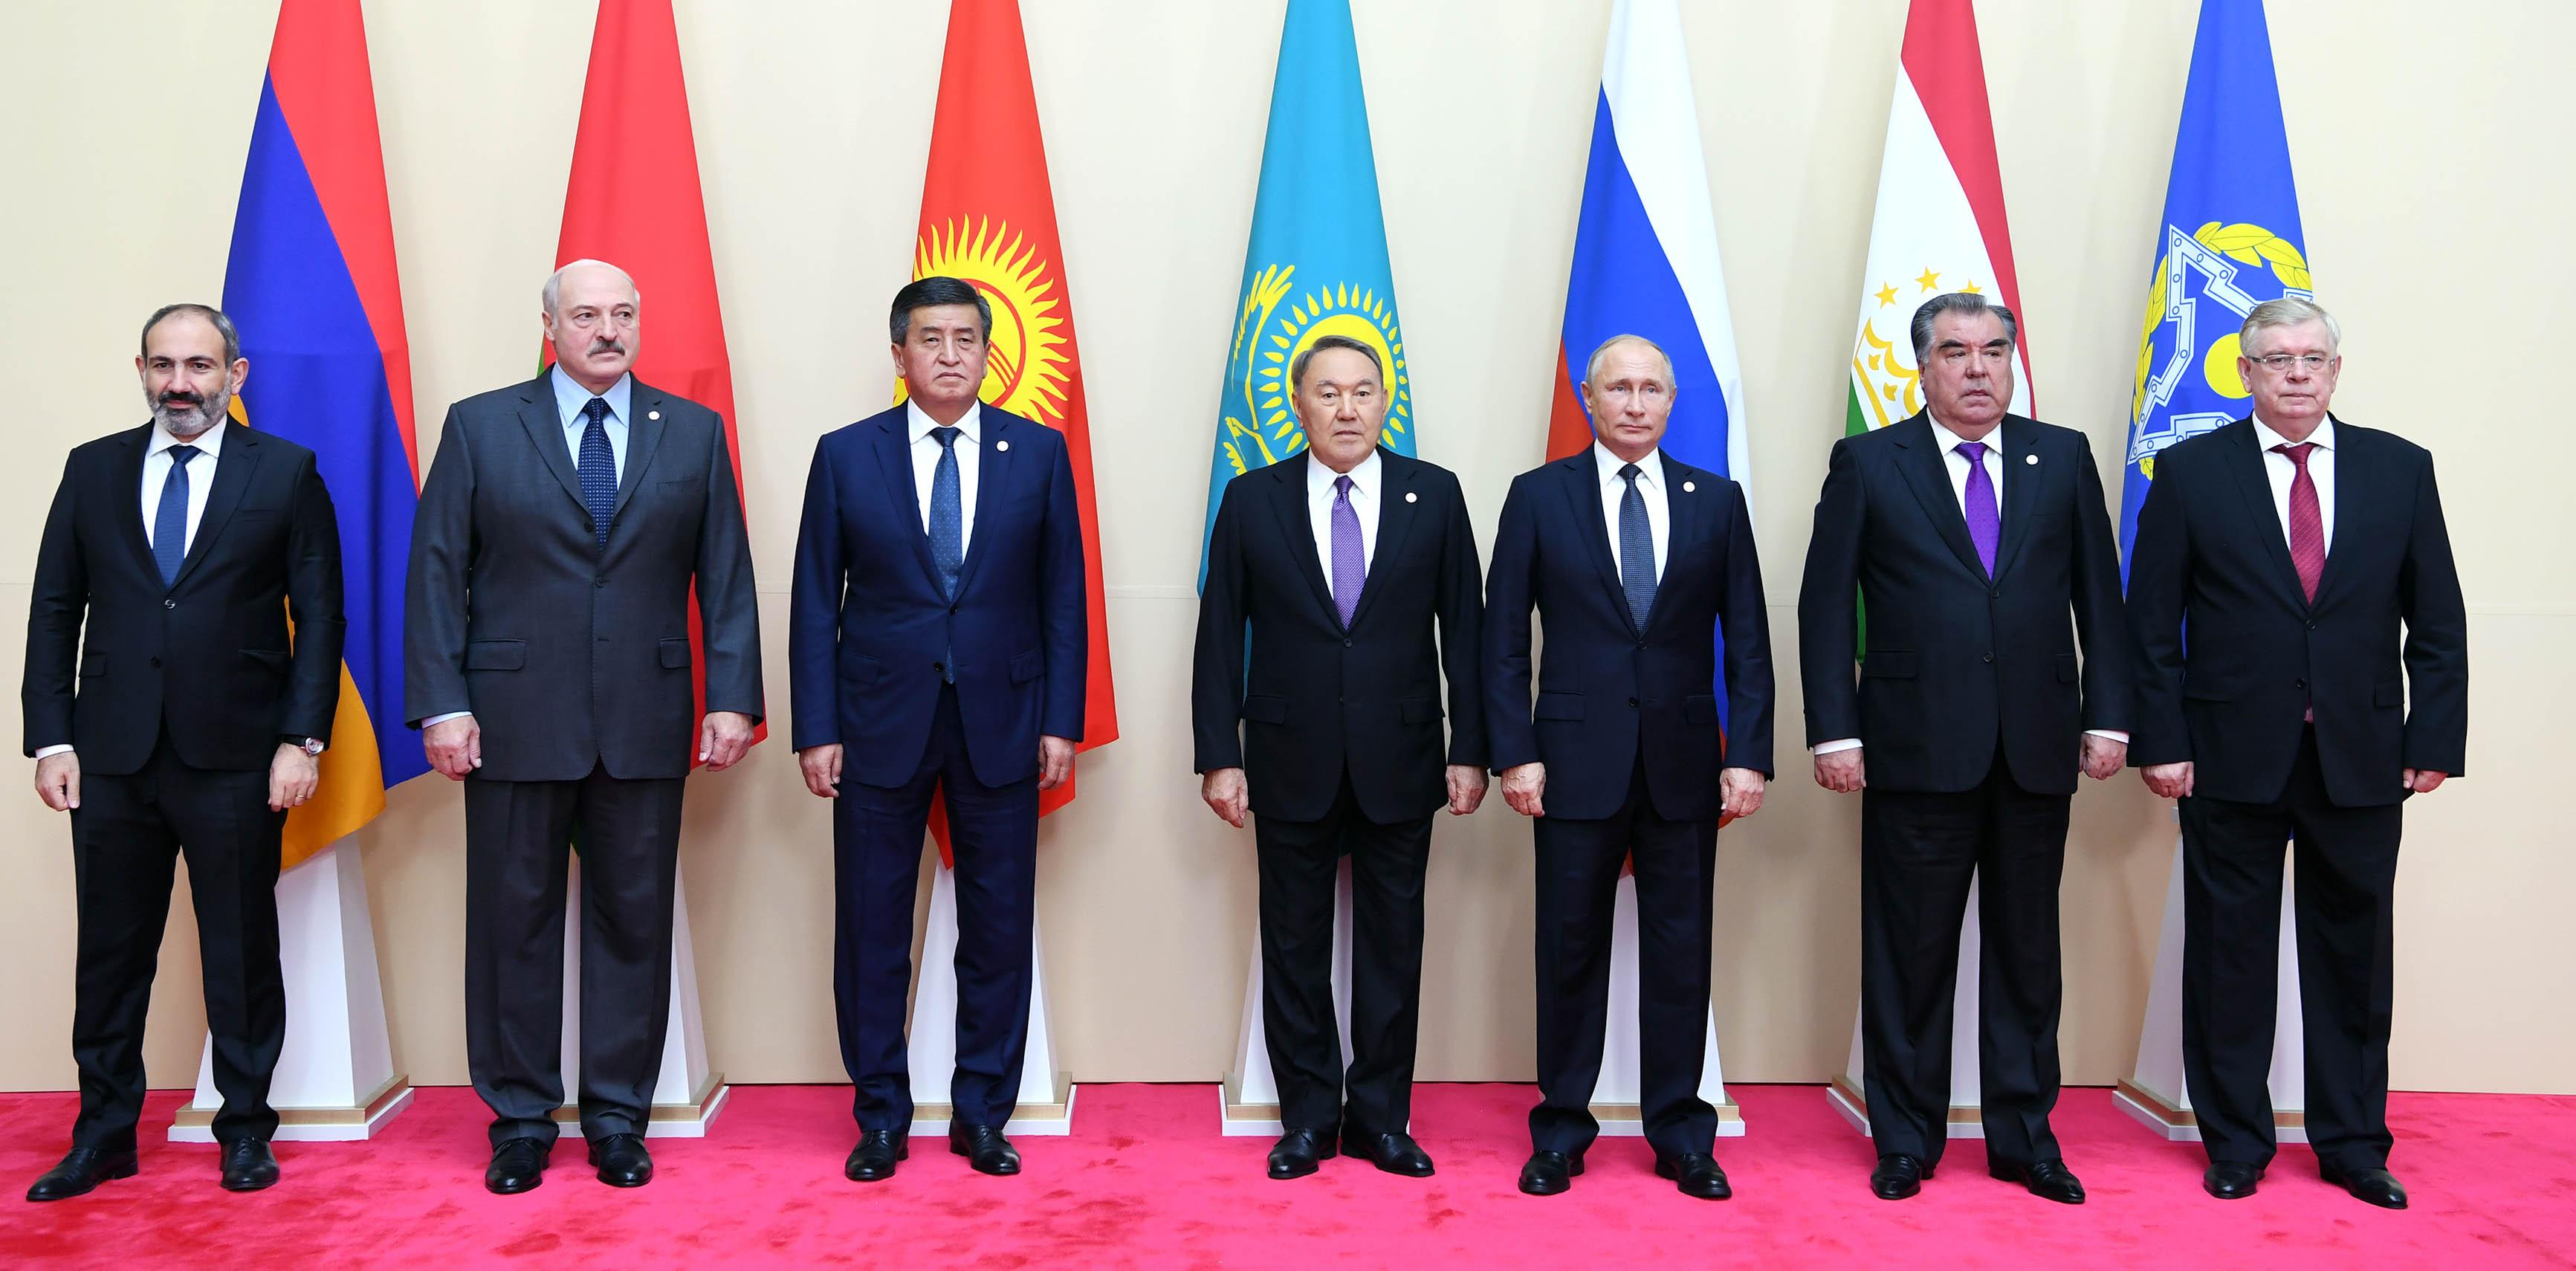 Назарбаев призвал активизировать производственную кооперацию оборонных предприятий стран ОДКБ